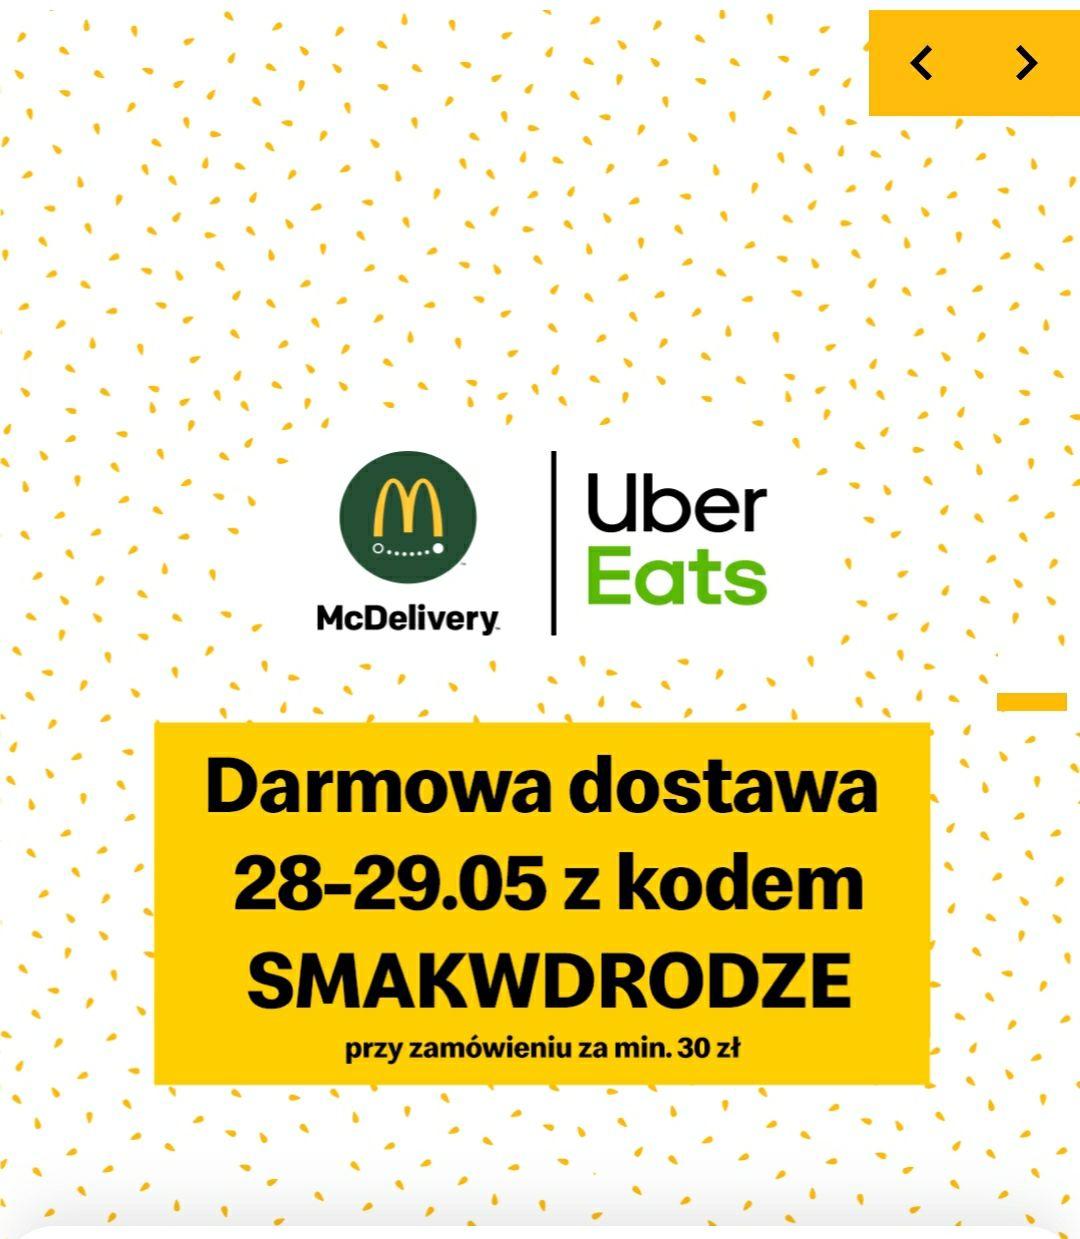 Uber Eats Darmowa dostawa 28-29.05.